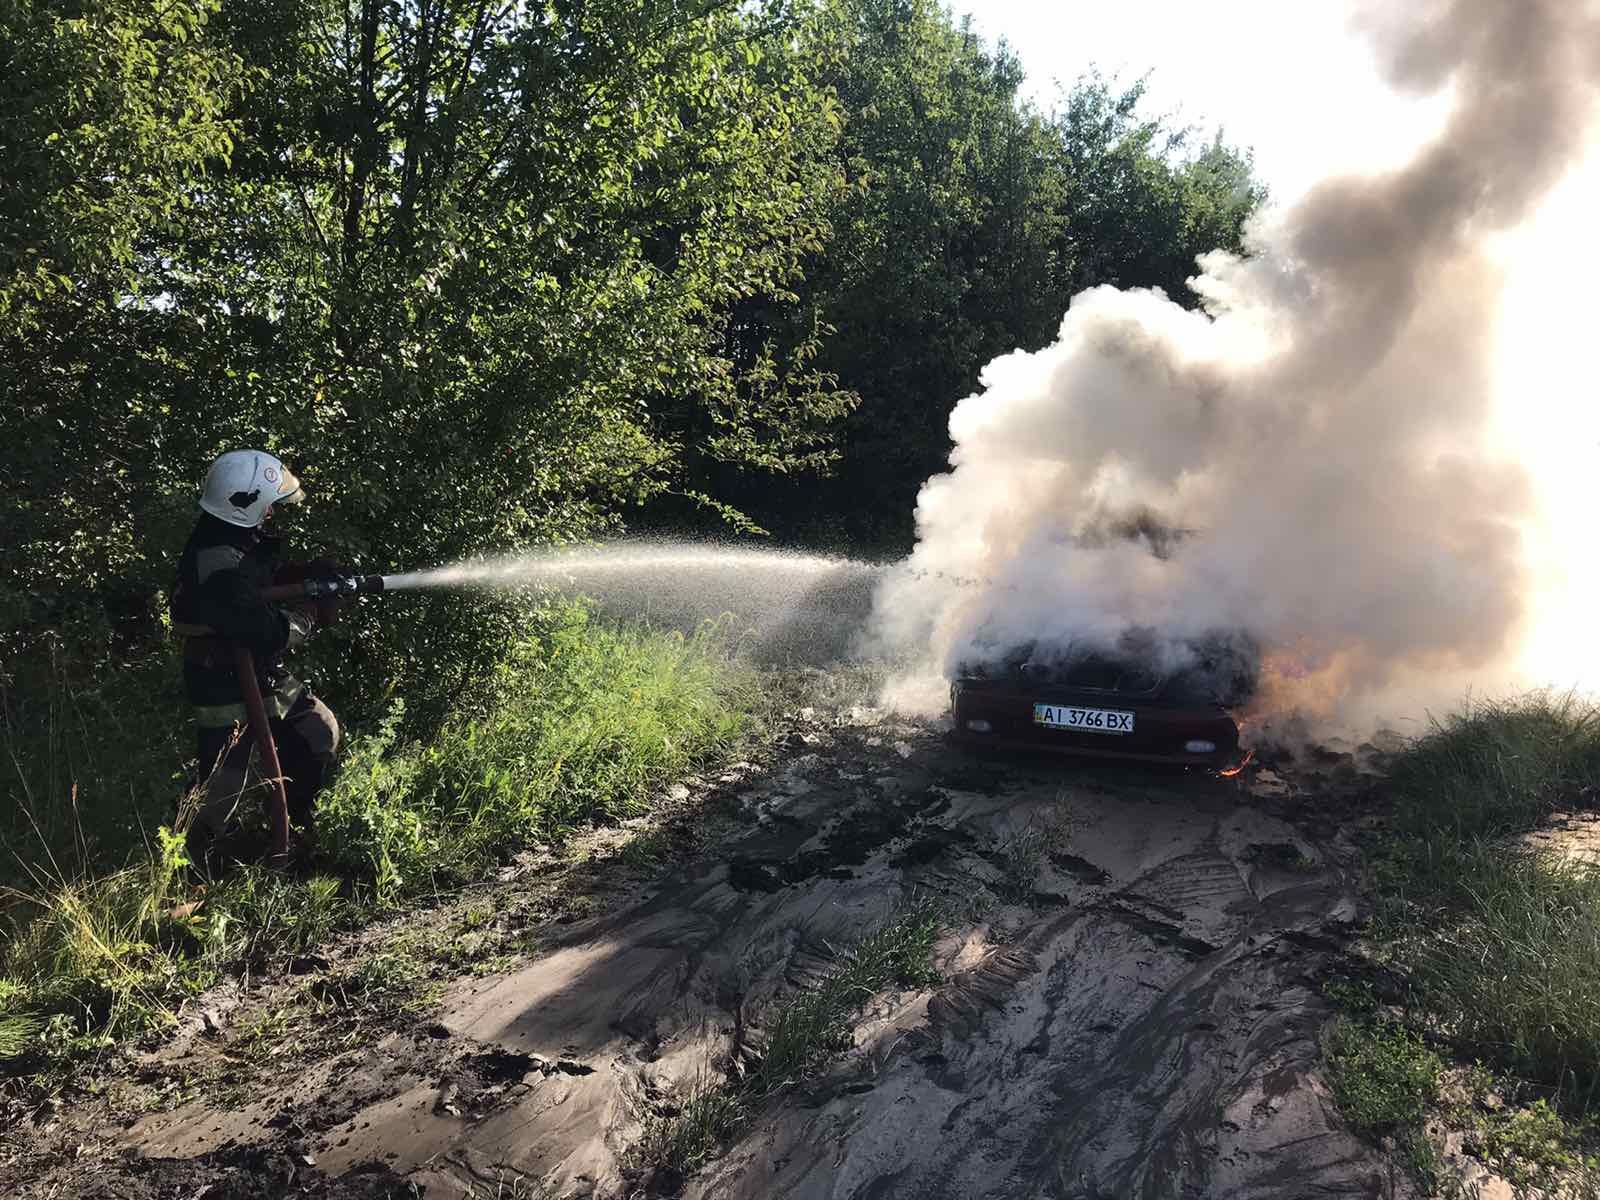 У Сквирському районі горів легковик та сіносховище - сквира пожежі - IMG 44675e4869ea827bab518ad236149add V